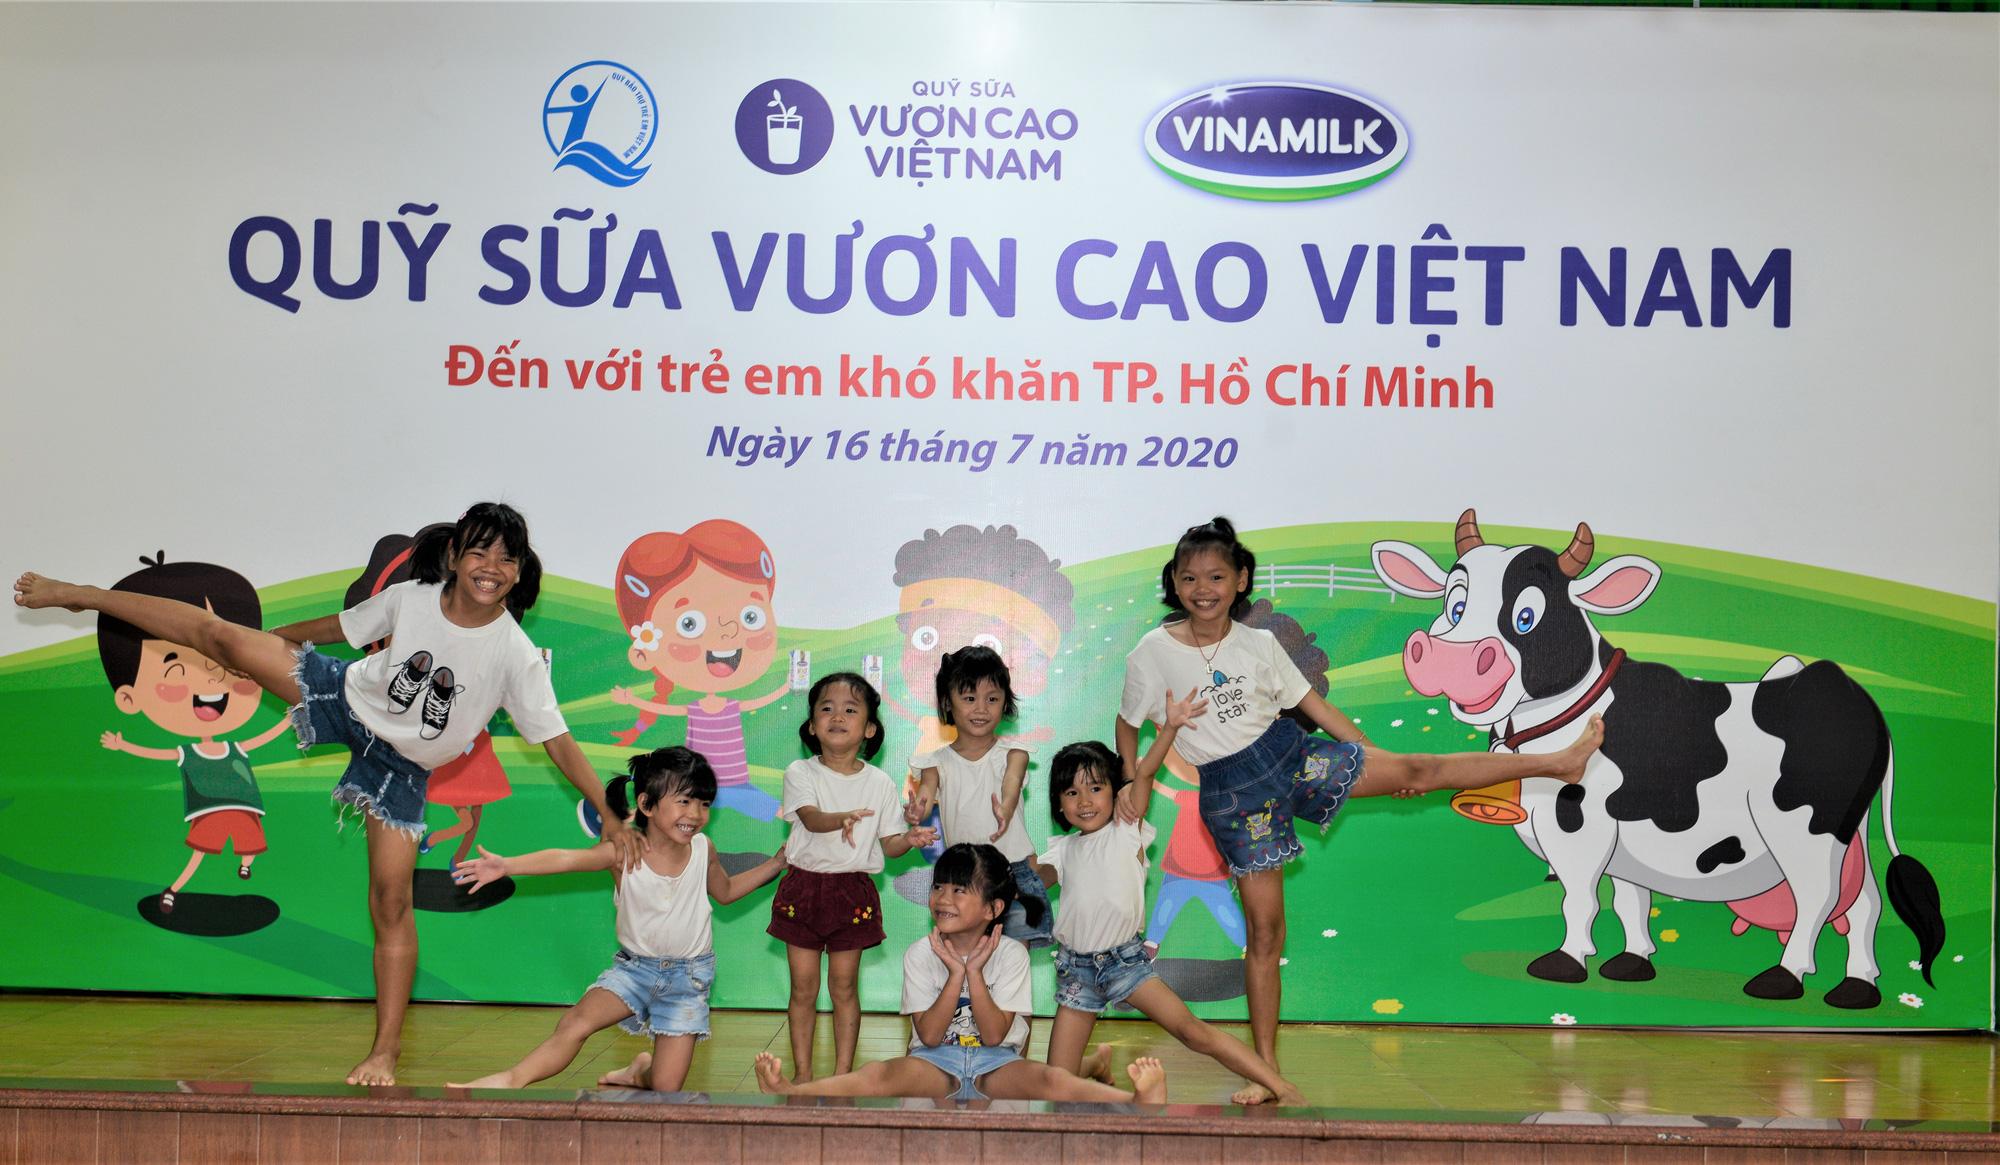 Quỹ sữa Vươn cao Việt Nam đến với trẻ khó khăn TP.HCM - Ảnh 1.